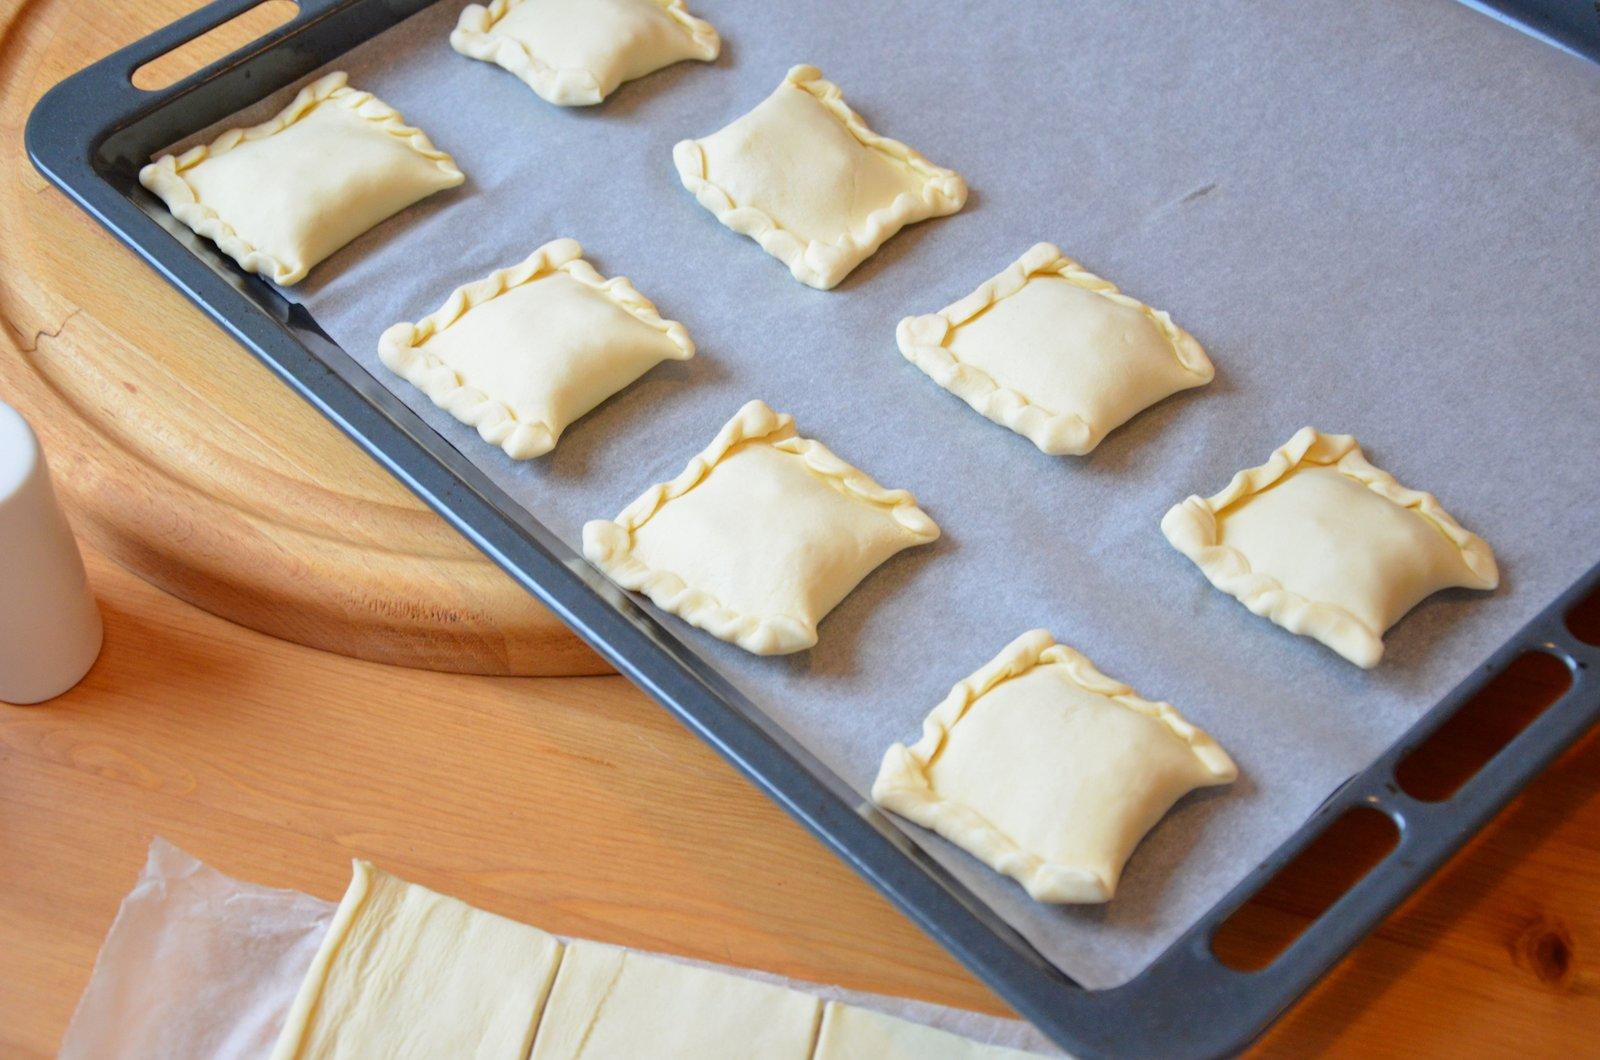 цивилизация слоеное тесто с сыром с картинками продаже